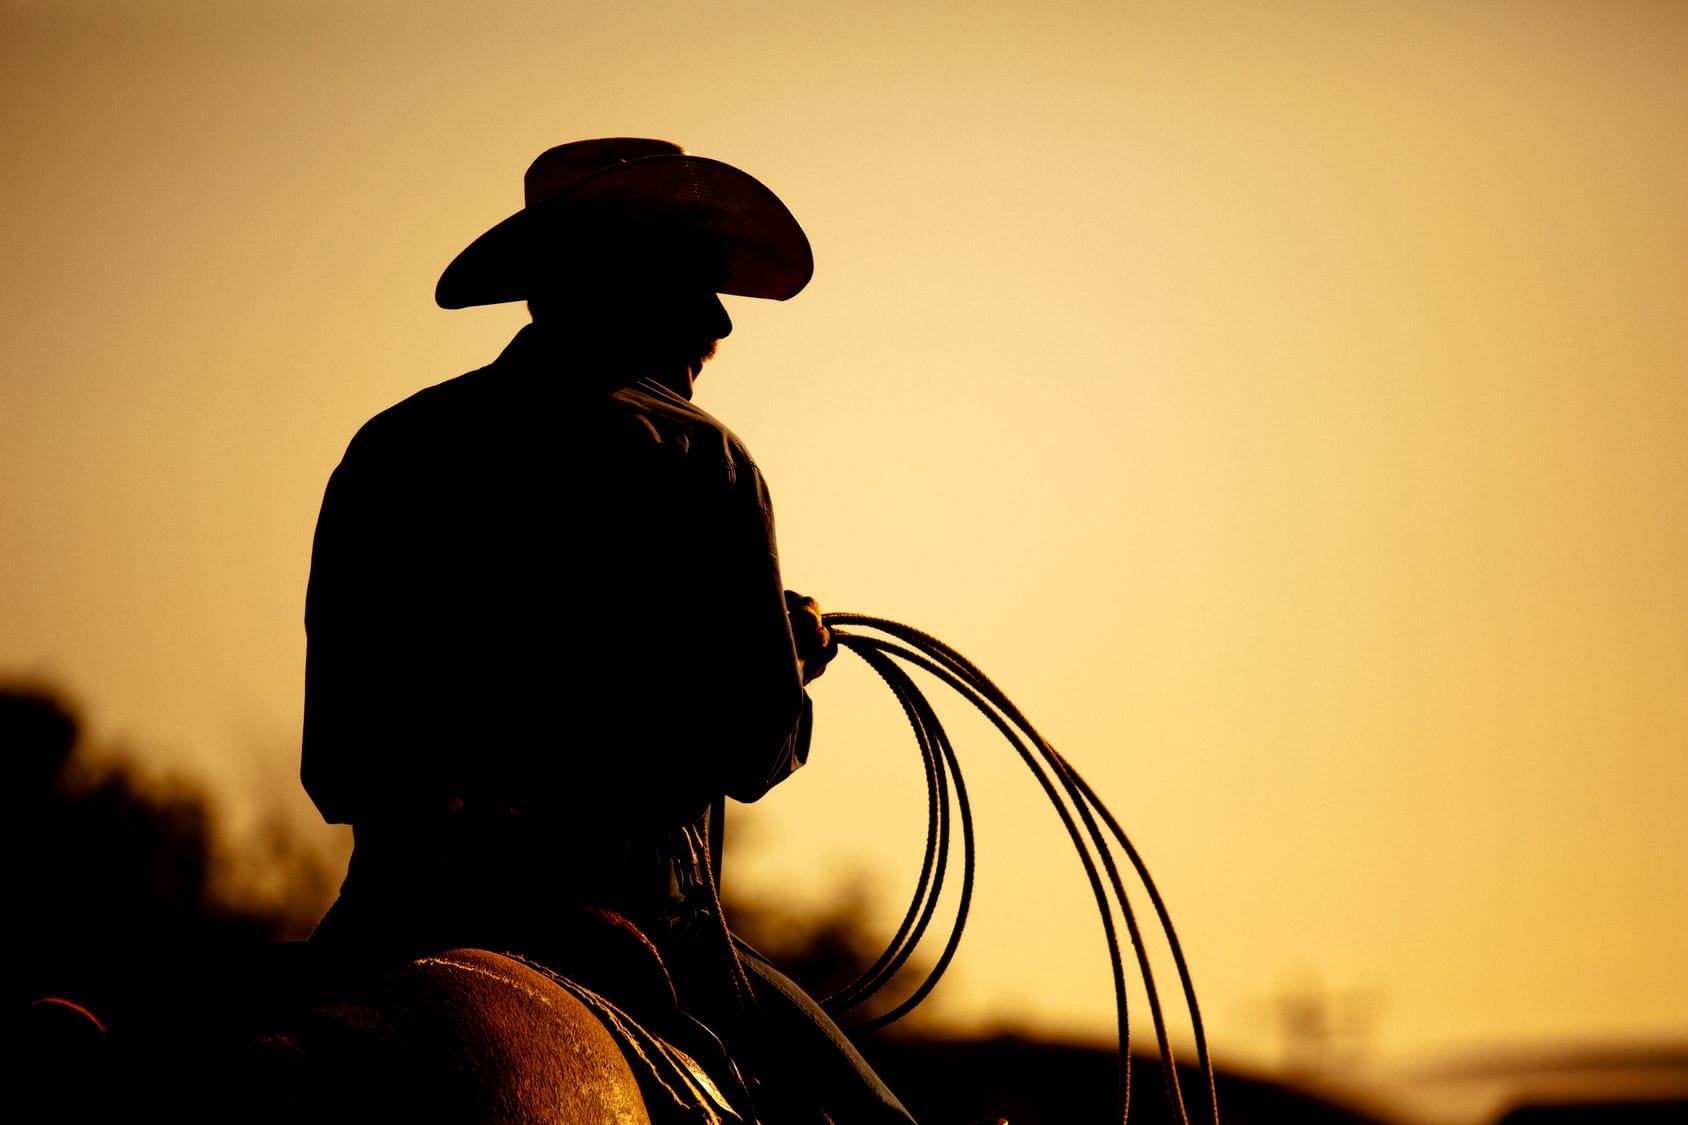 Der Marlboro-Mann starb an Lungenkrebs – Stimmt's?